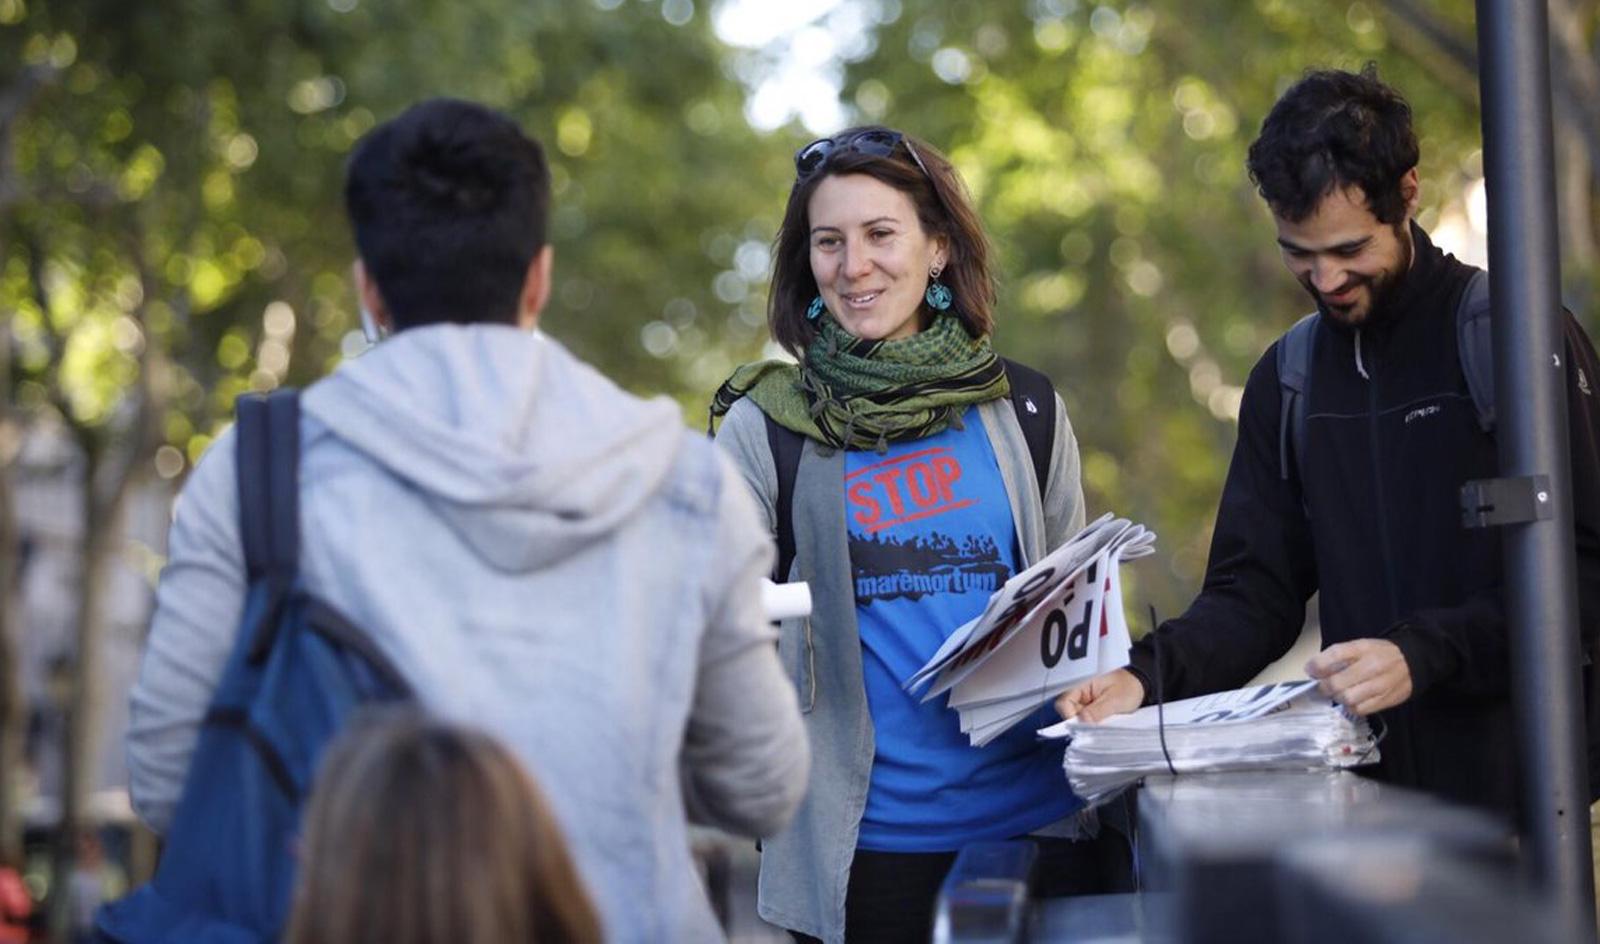 Repartim 11.000 exemplars de diaris gratuïts per explicar les polítiques d'asil pel 28A